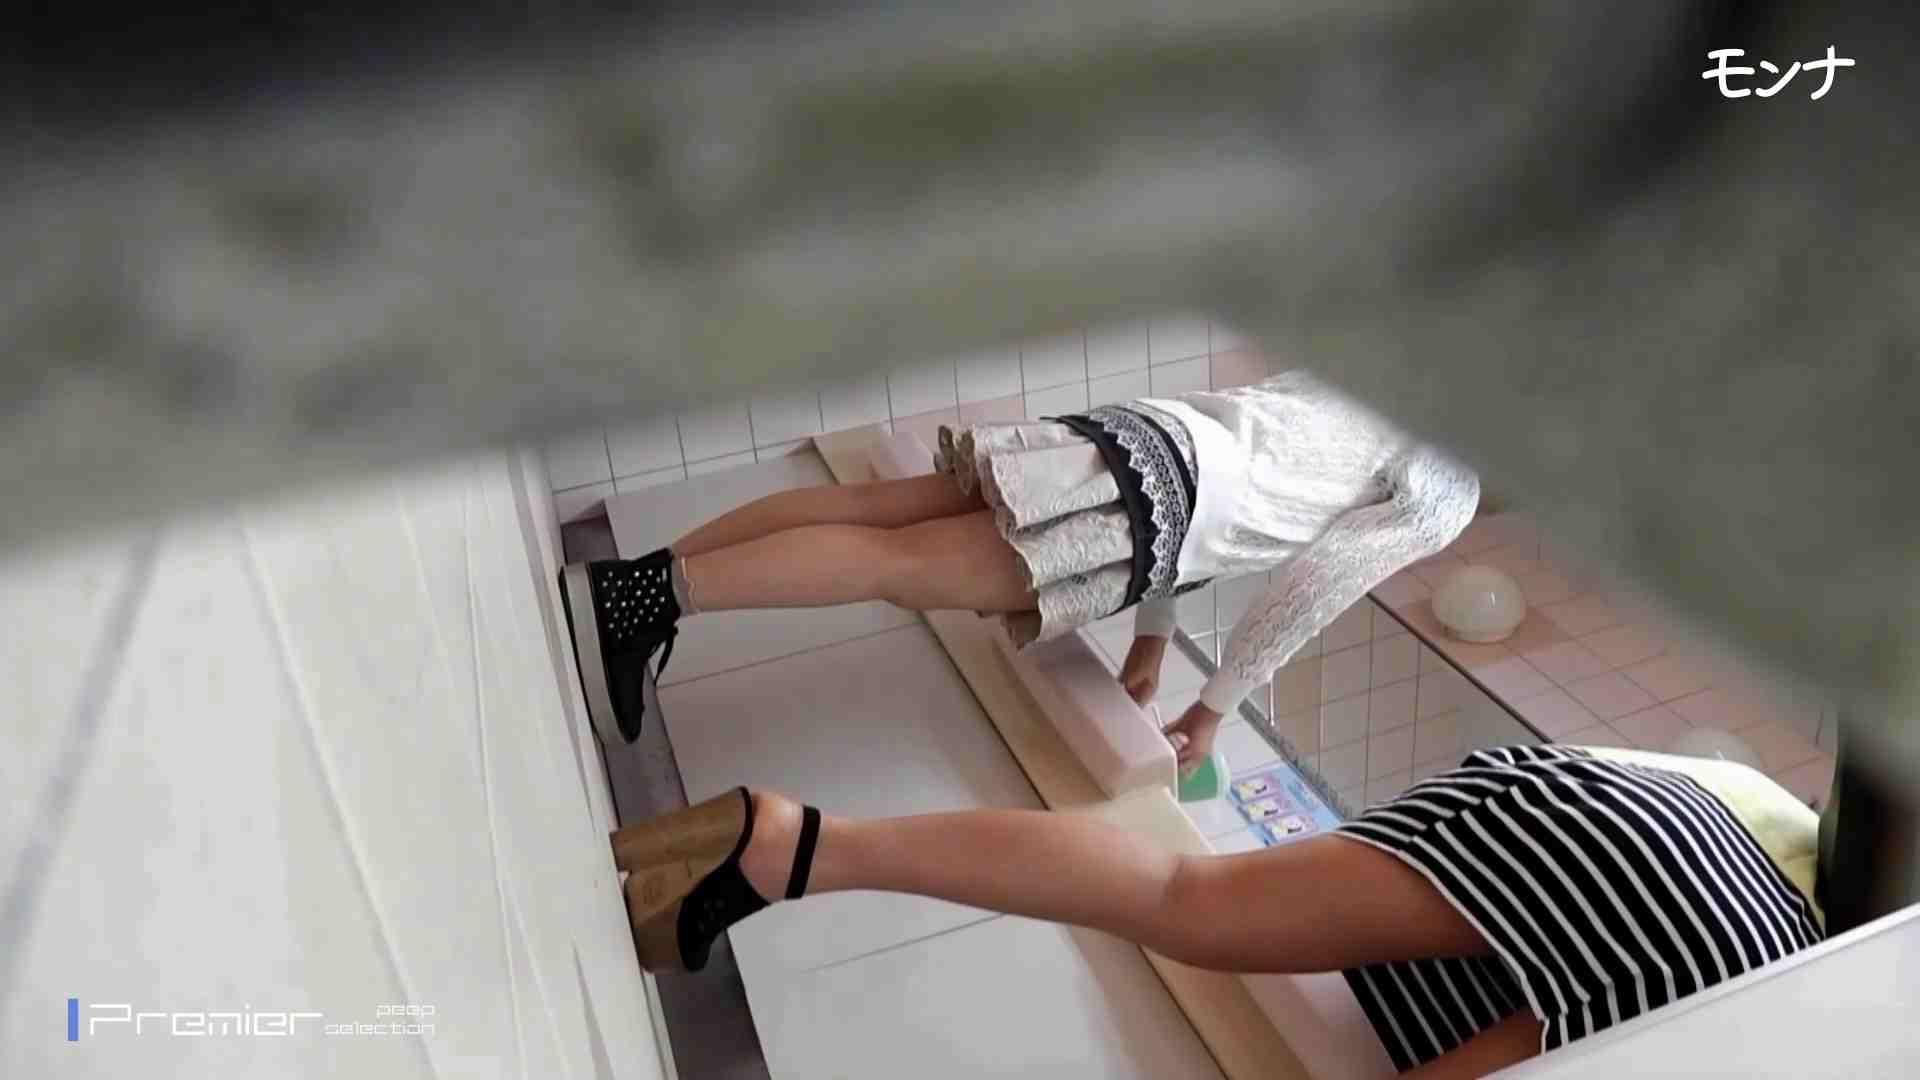 美しい日本の未来 No.69 ひやっと!終始15cmのしらすを垂らしながら・・・ 盗撮  113pic 26